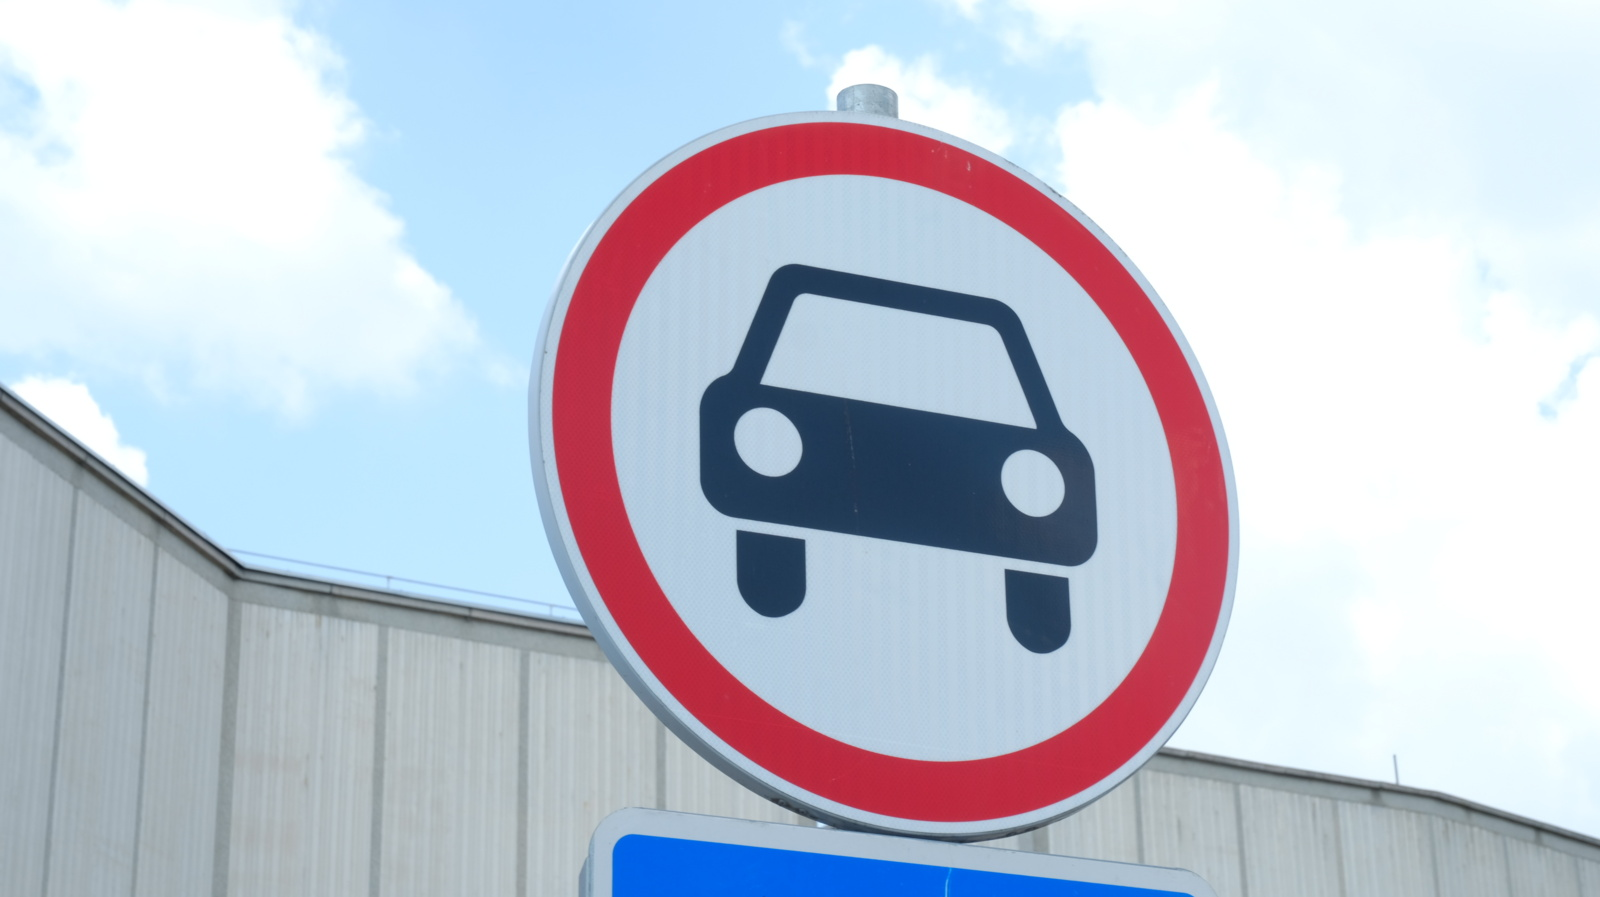 Penktadienį Panevėžyje S. Kerbedžio gatvėje bus uždarytas eismas